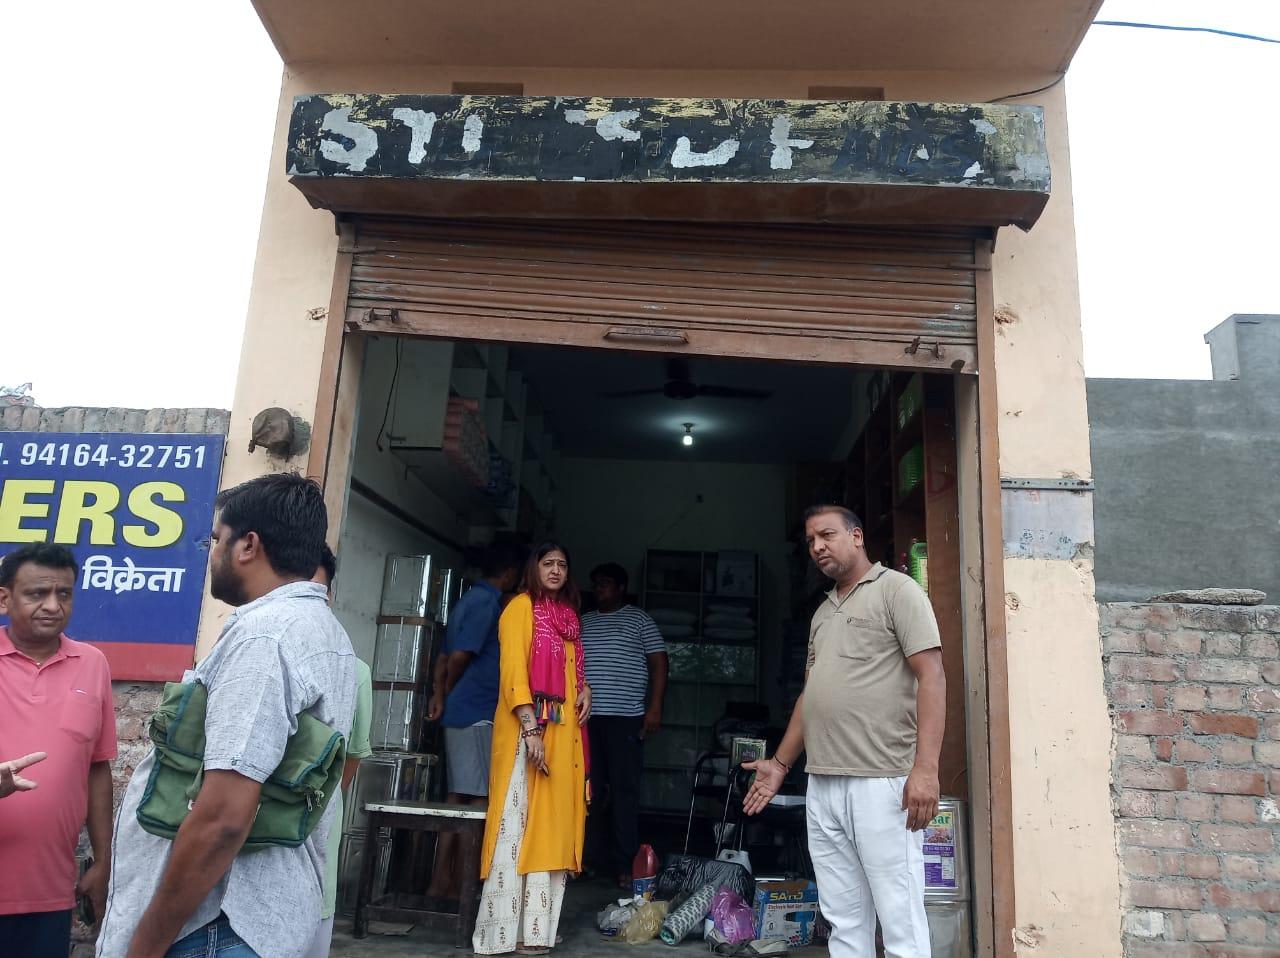 पुलिस चौकी से 200 मीटर दूर थी दुकान, 70 हजार की नकदी और सामान चुराया, CCTV व काउंटर तक ले गए|हरियाणा,Haryana - Dainik Bhaskar